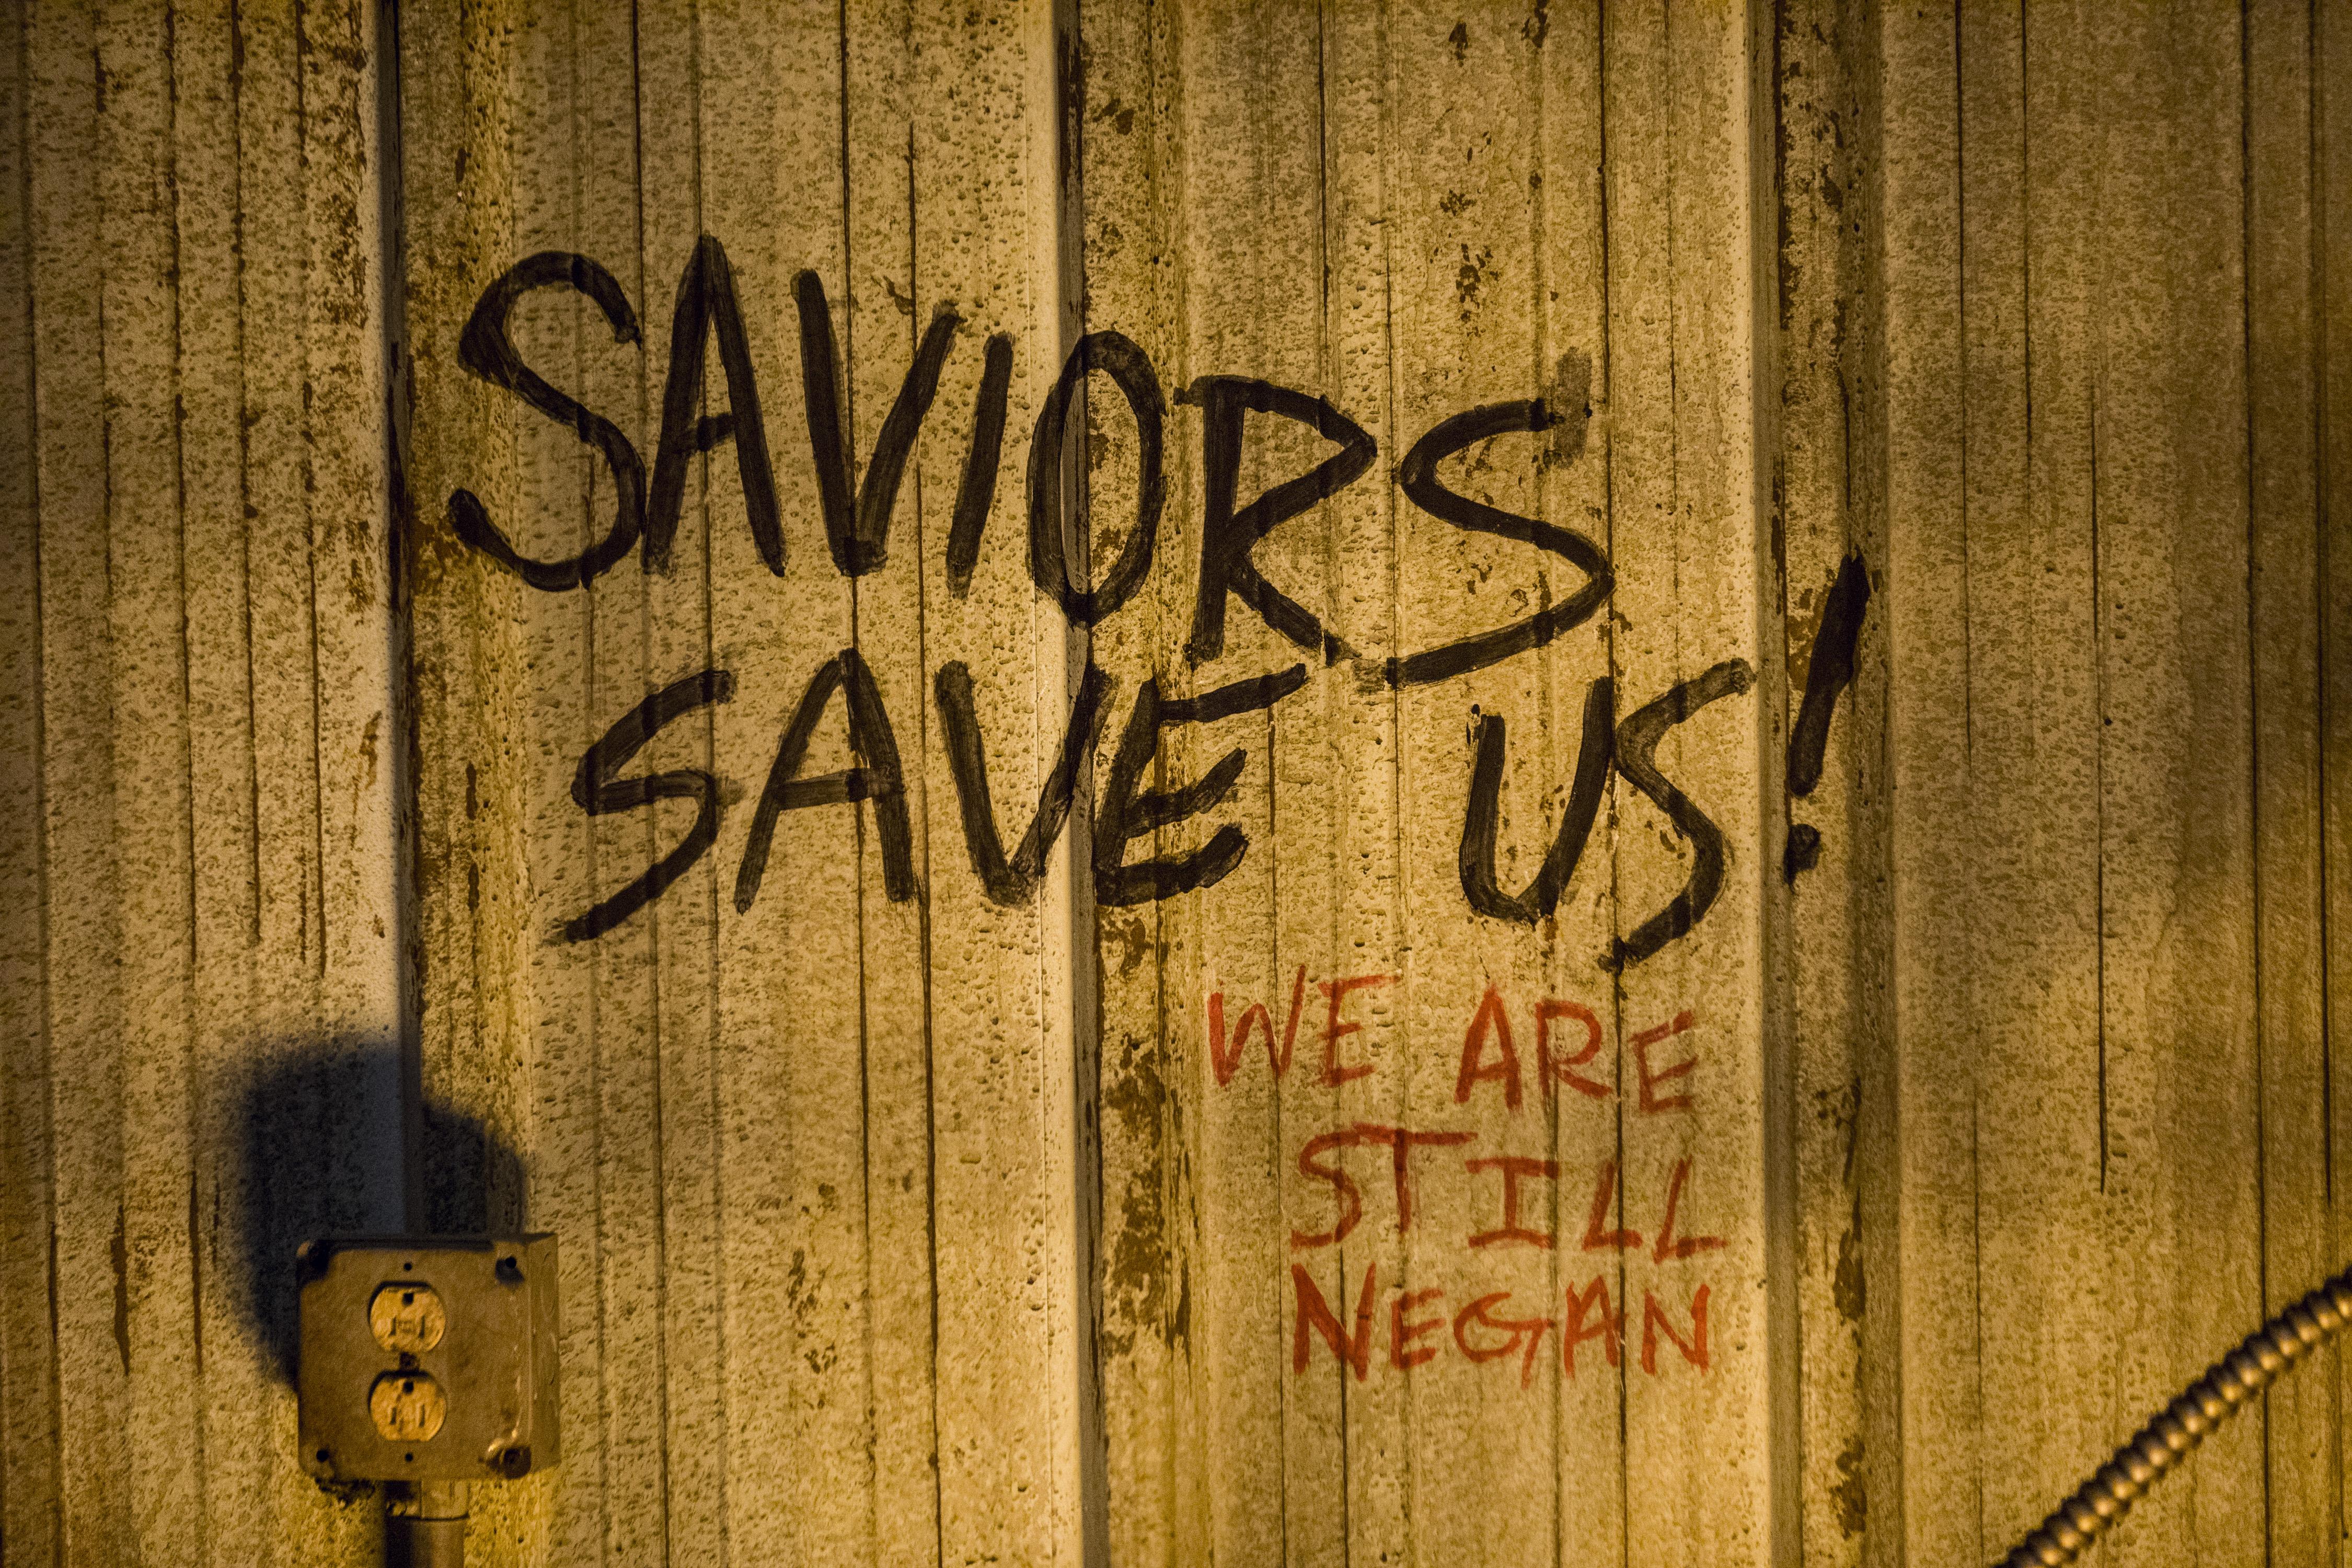 L'influence de Negan (Jeffrey Dean Morgan) continue de se faire sentir au Sanctuaire même après deux ans - The Walking Dead - Saison 9 Épisode 1 - Crédit photo: Jackson Lee Davis/AMC